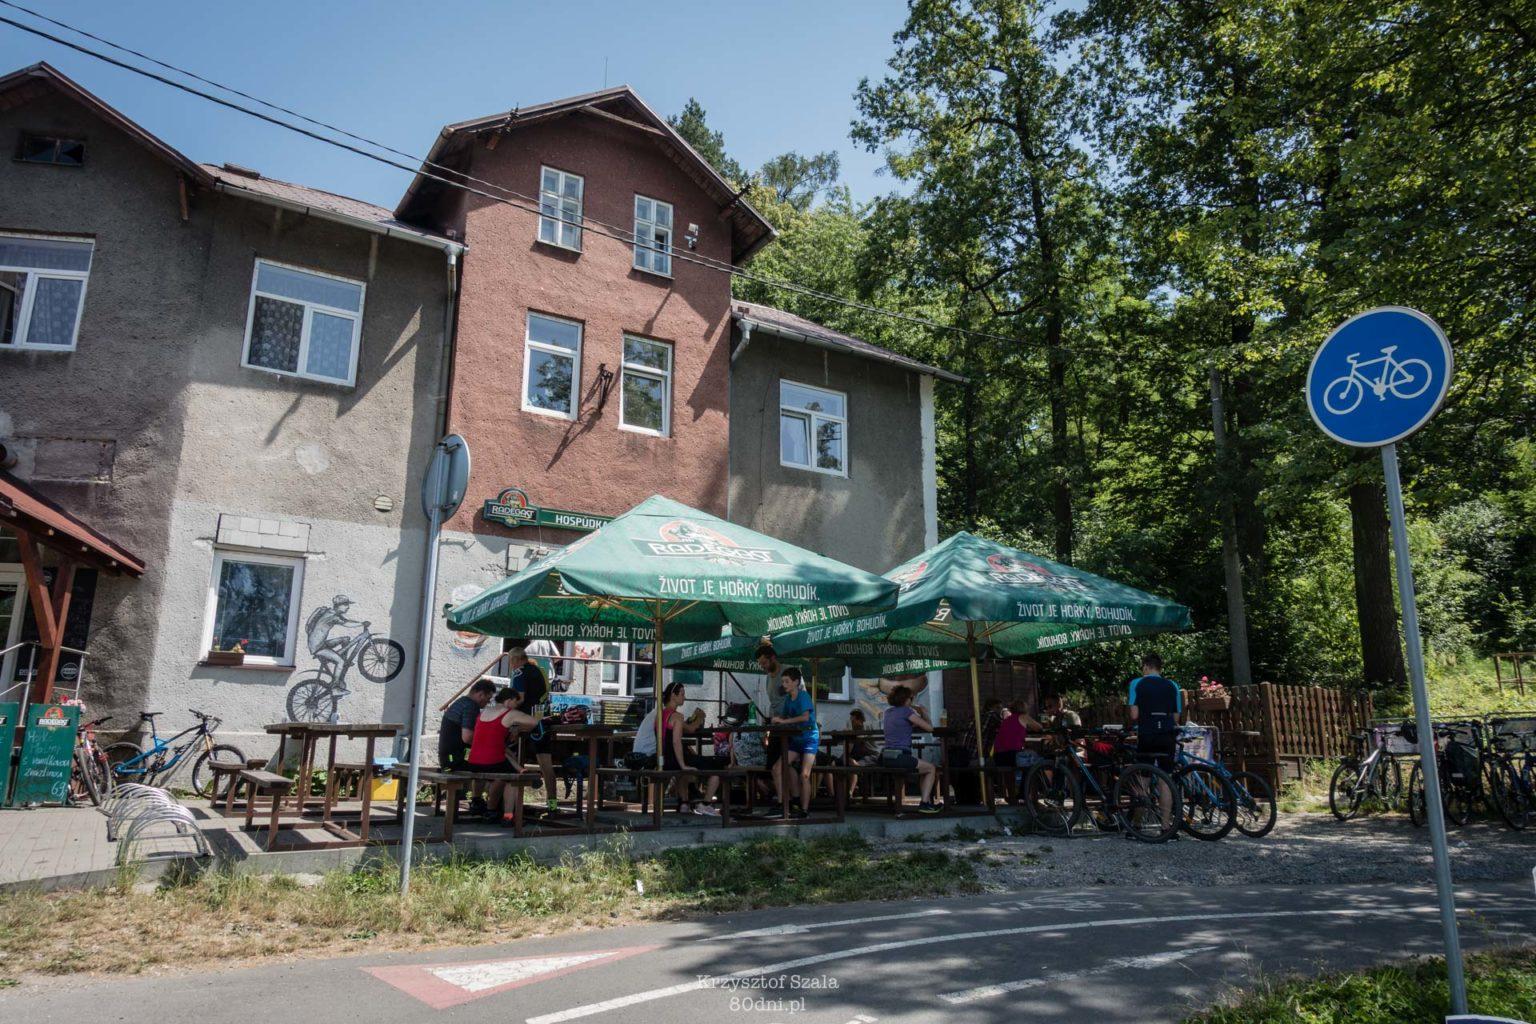 Jedna z cyklozahradek – typowych w Czechach ogródków rowerowych.